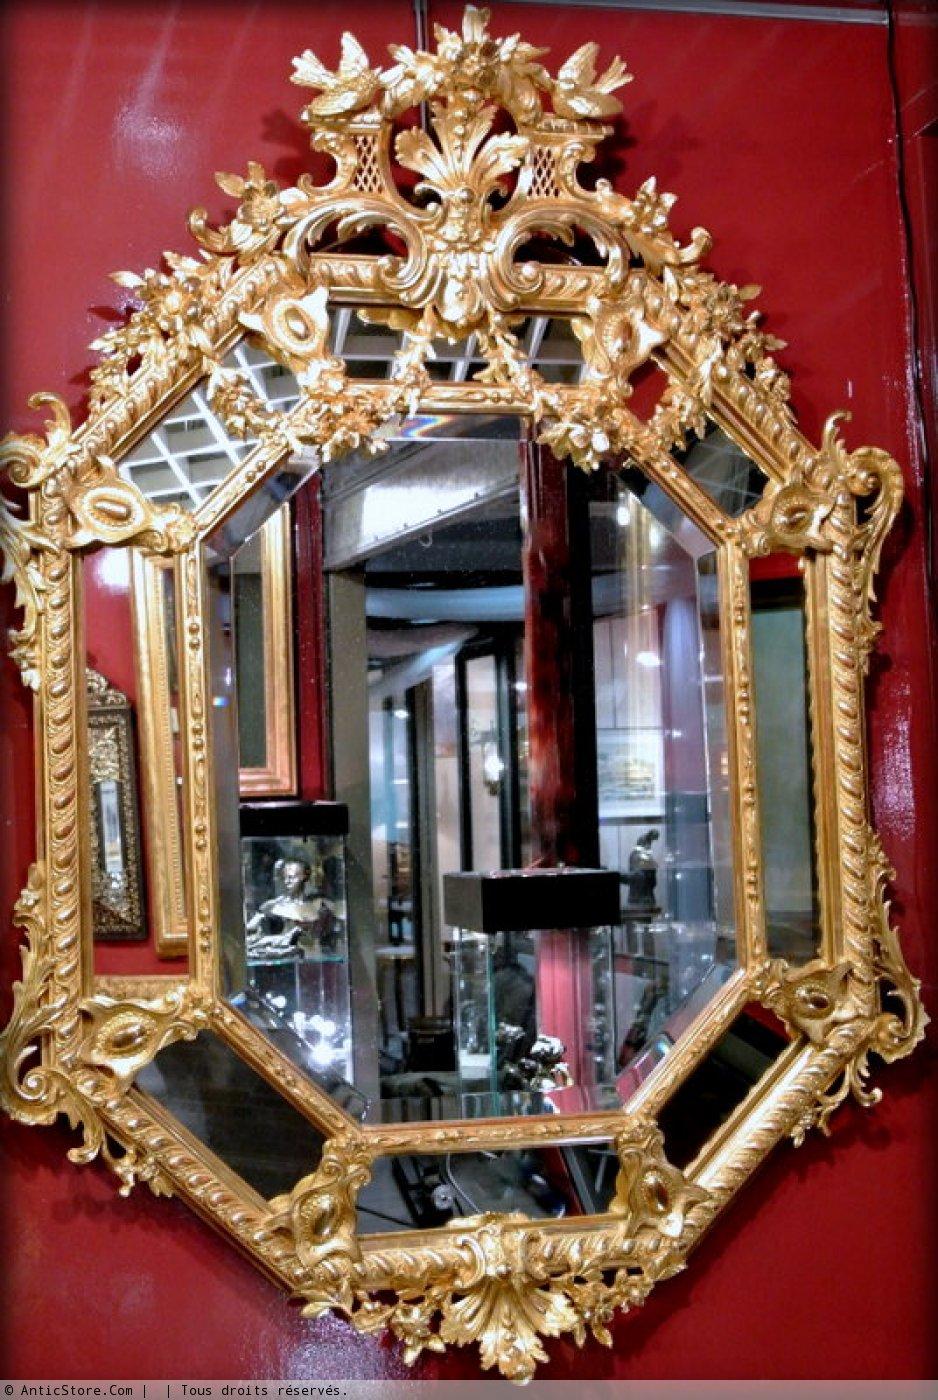 Miroir napol on iii r serves xixe si cle for Miroir napoleon